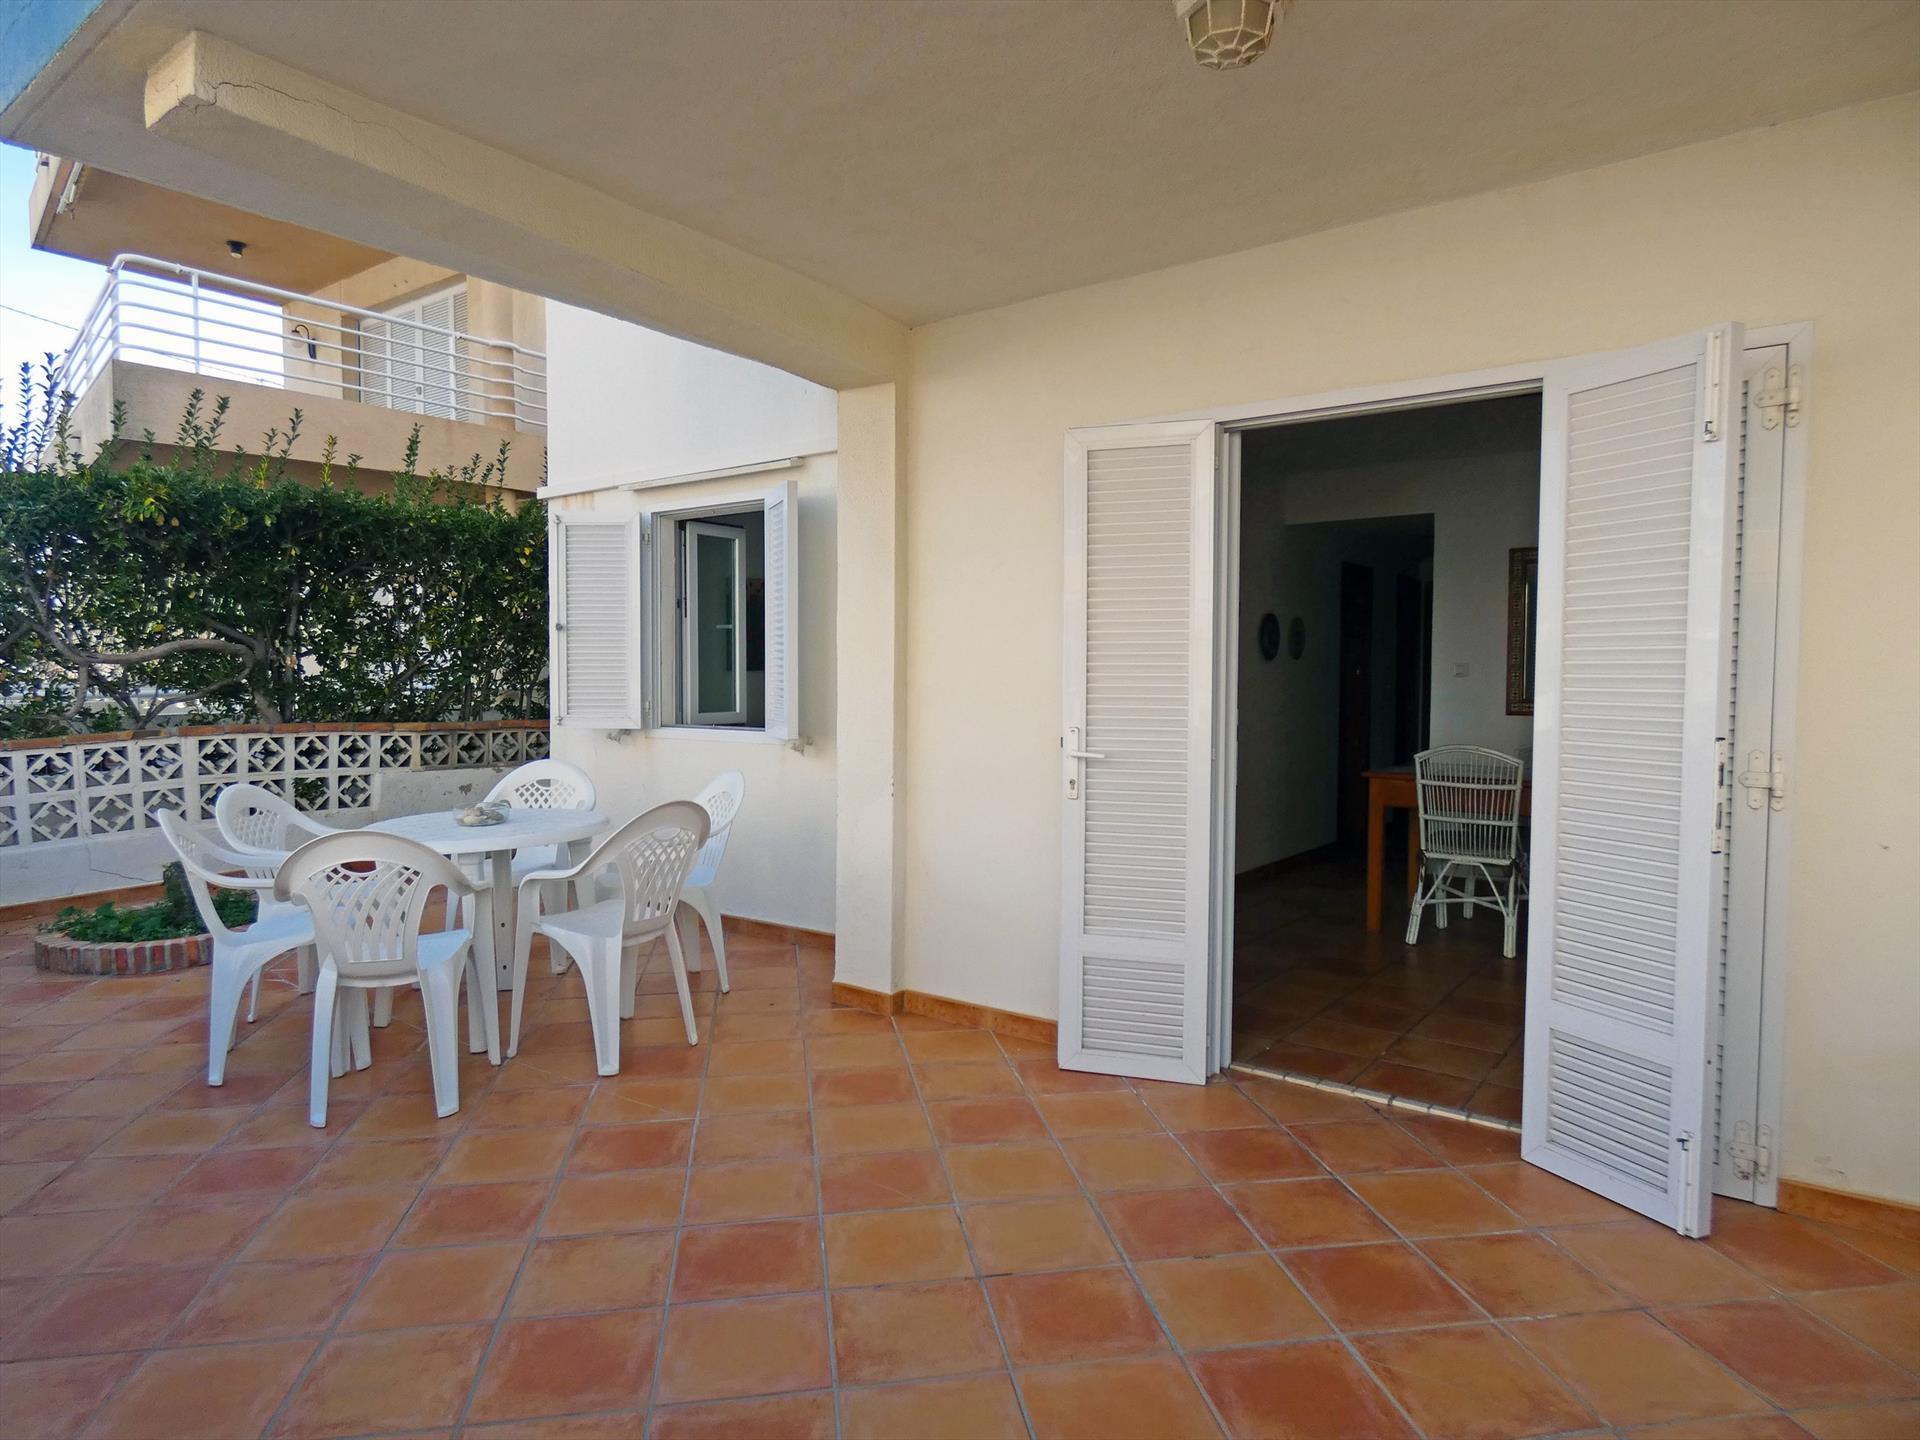 Pedro III Pau Pi PB408,Bel appartement intime à Oliva, sur la Costa Blanca, Espagne pour 5 personnes.....